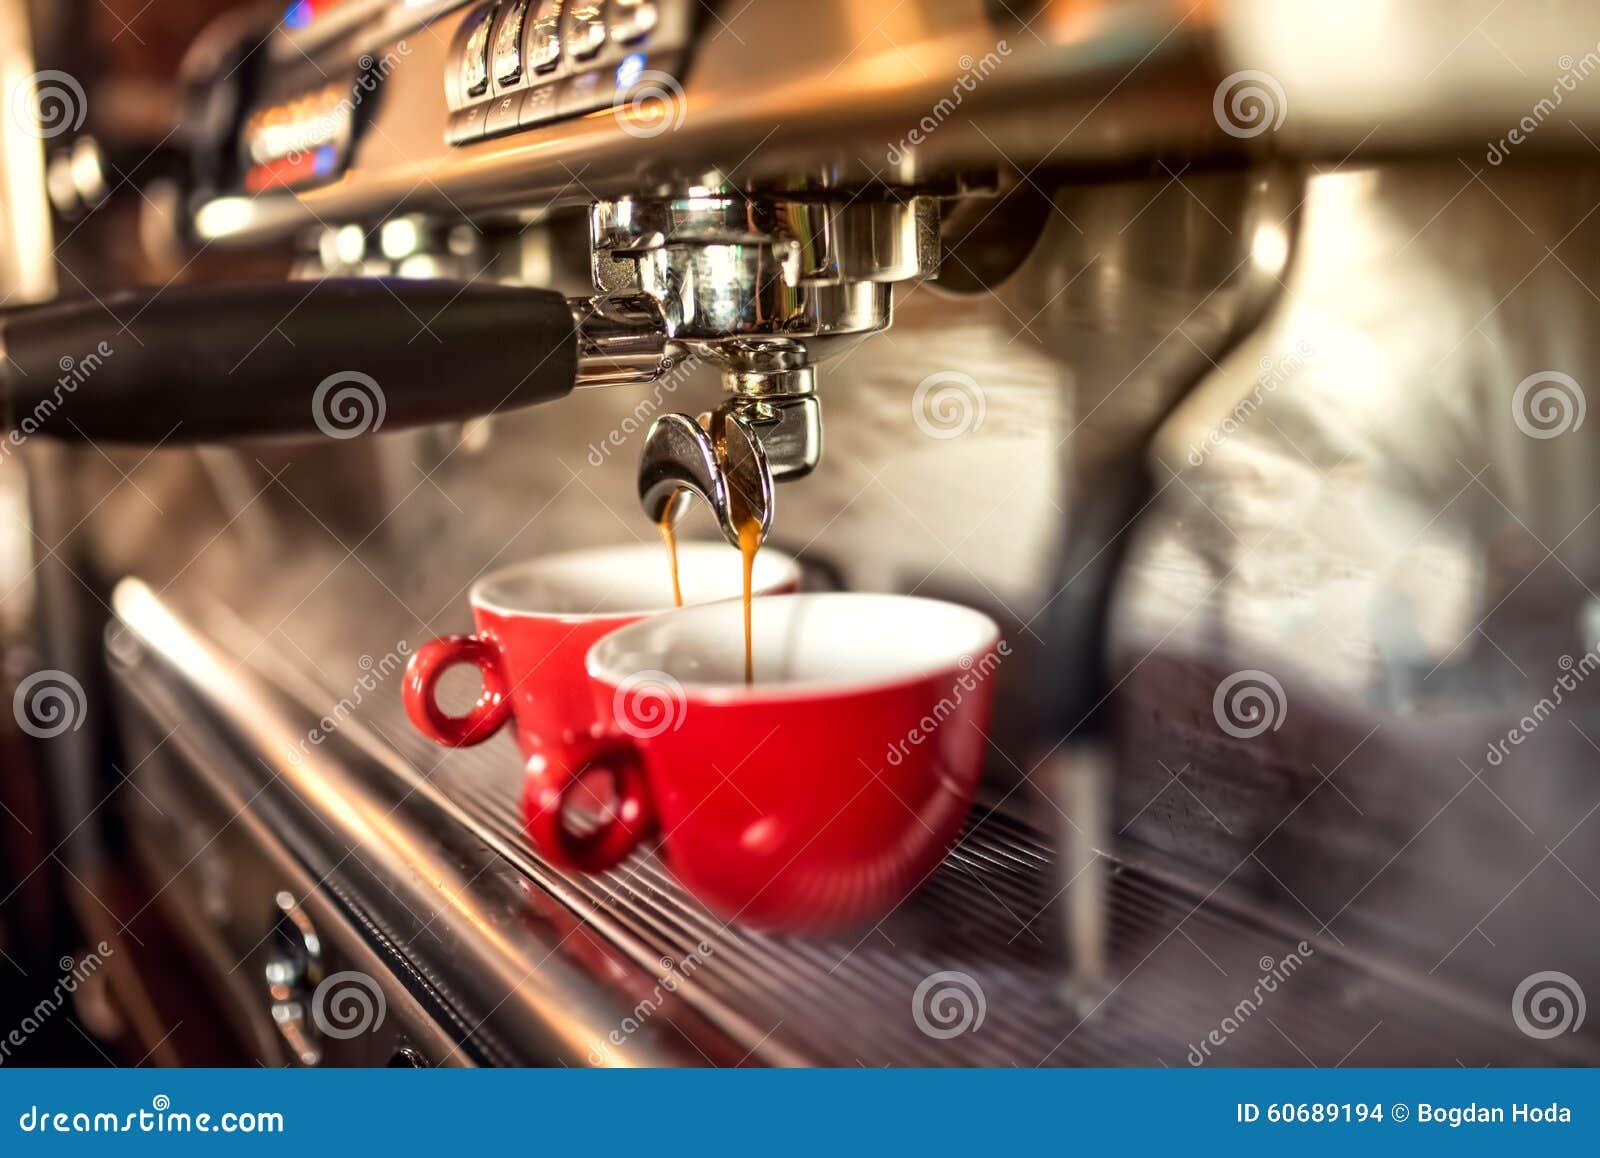 Máquina do café que prepara o café fresco e que derrama em copos vermelhos no restaurante, na barra ou no bar